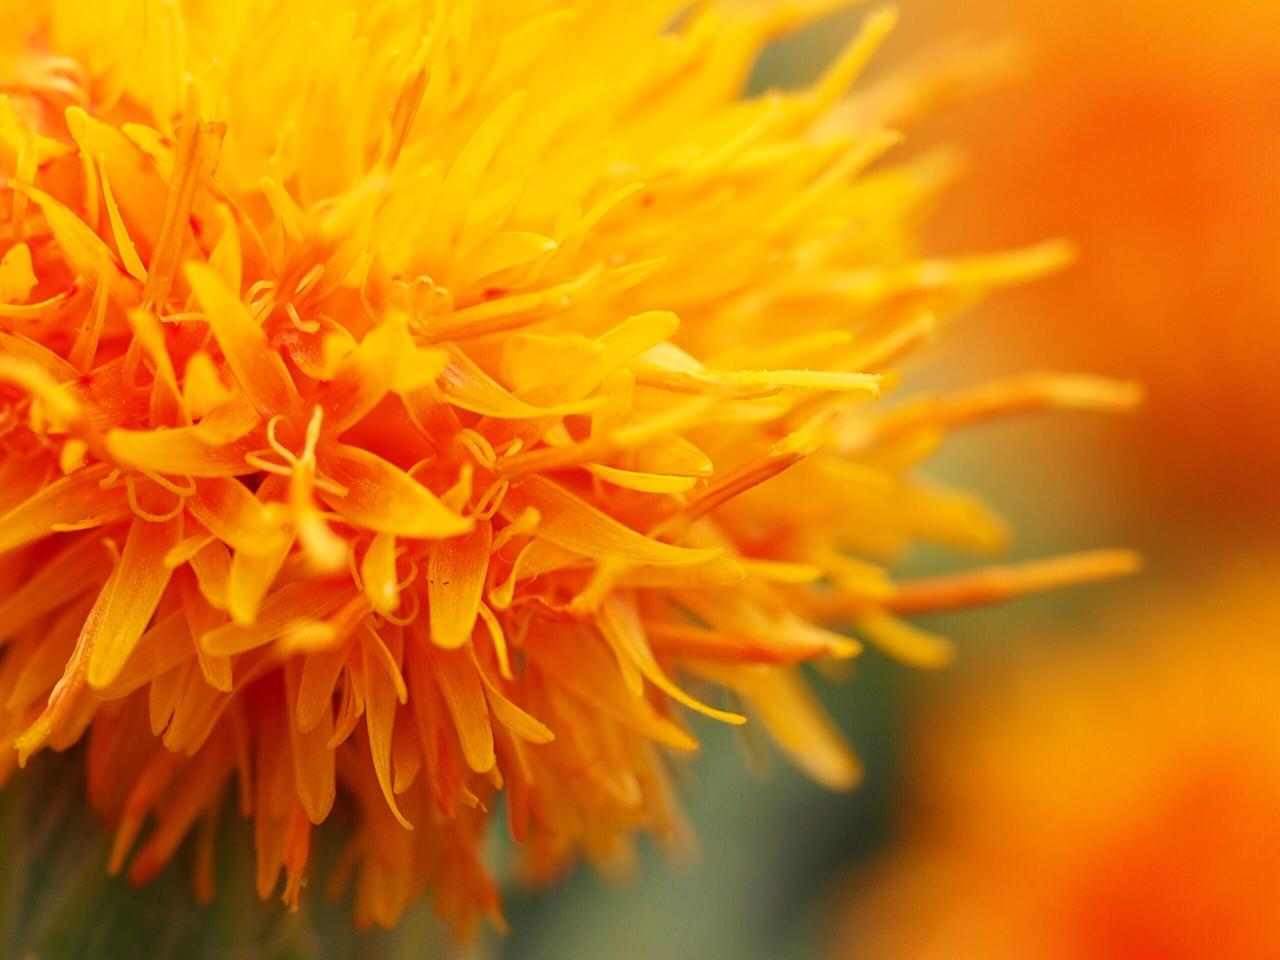 ベニバナといえば、食用油!? いえいえ、実はアレンジやドライにぴったりの花です